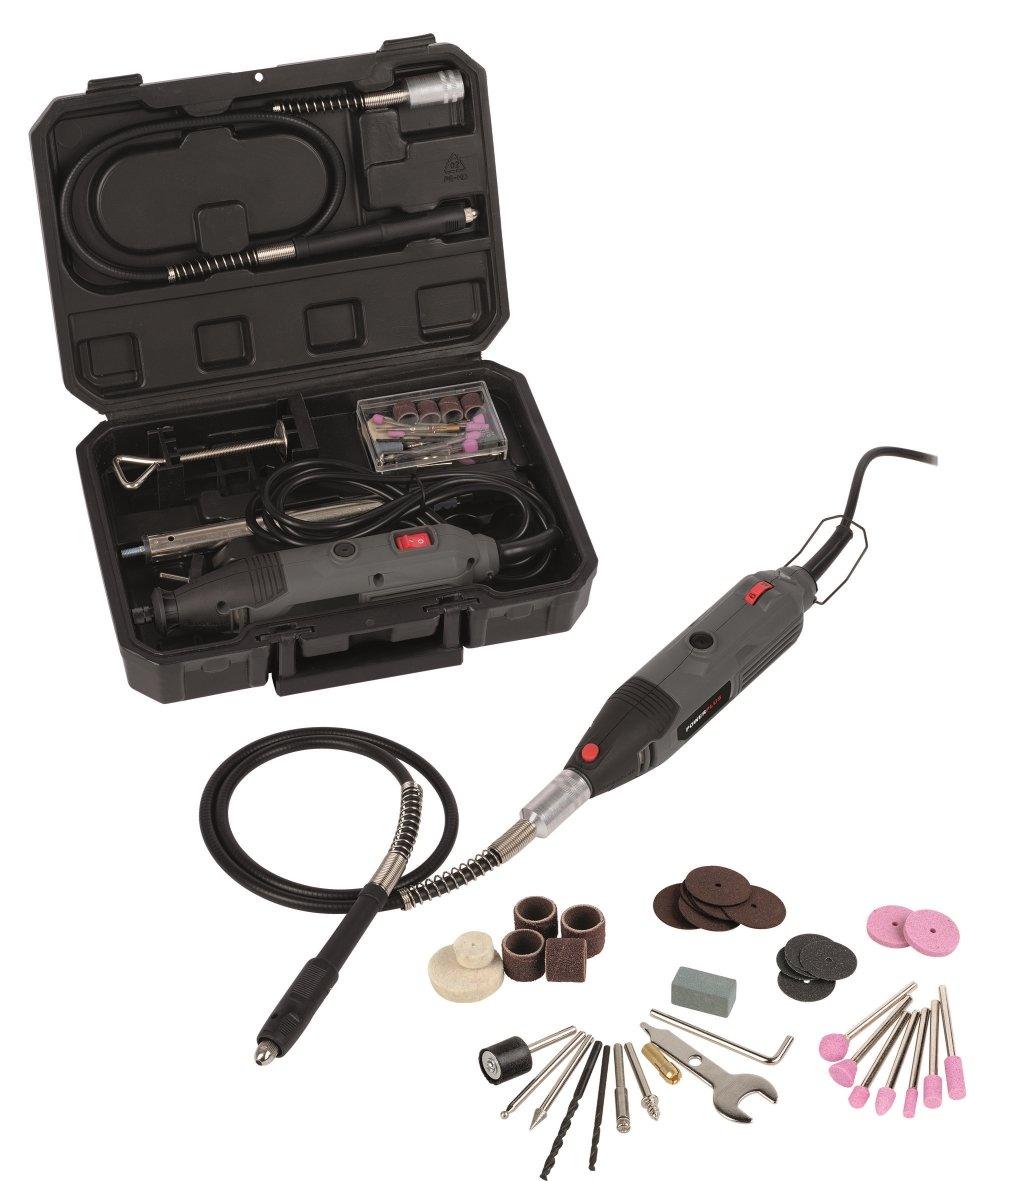 Kombitool Minischleifer Multifunktionsgerä t Koffer + 40 tlg. Zubehö r VARO 5400338073083